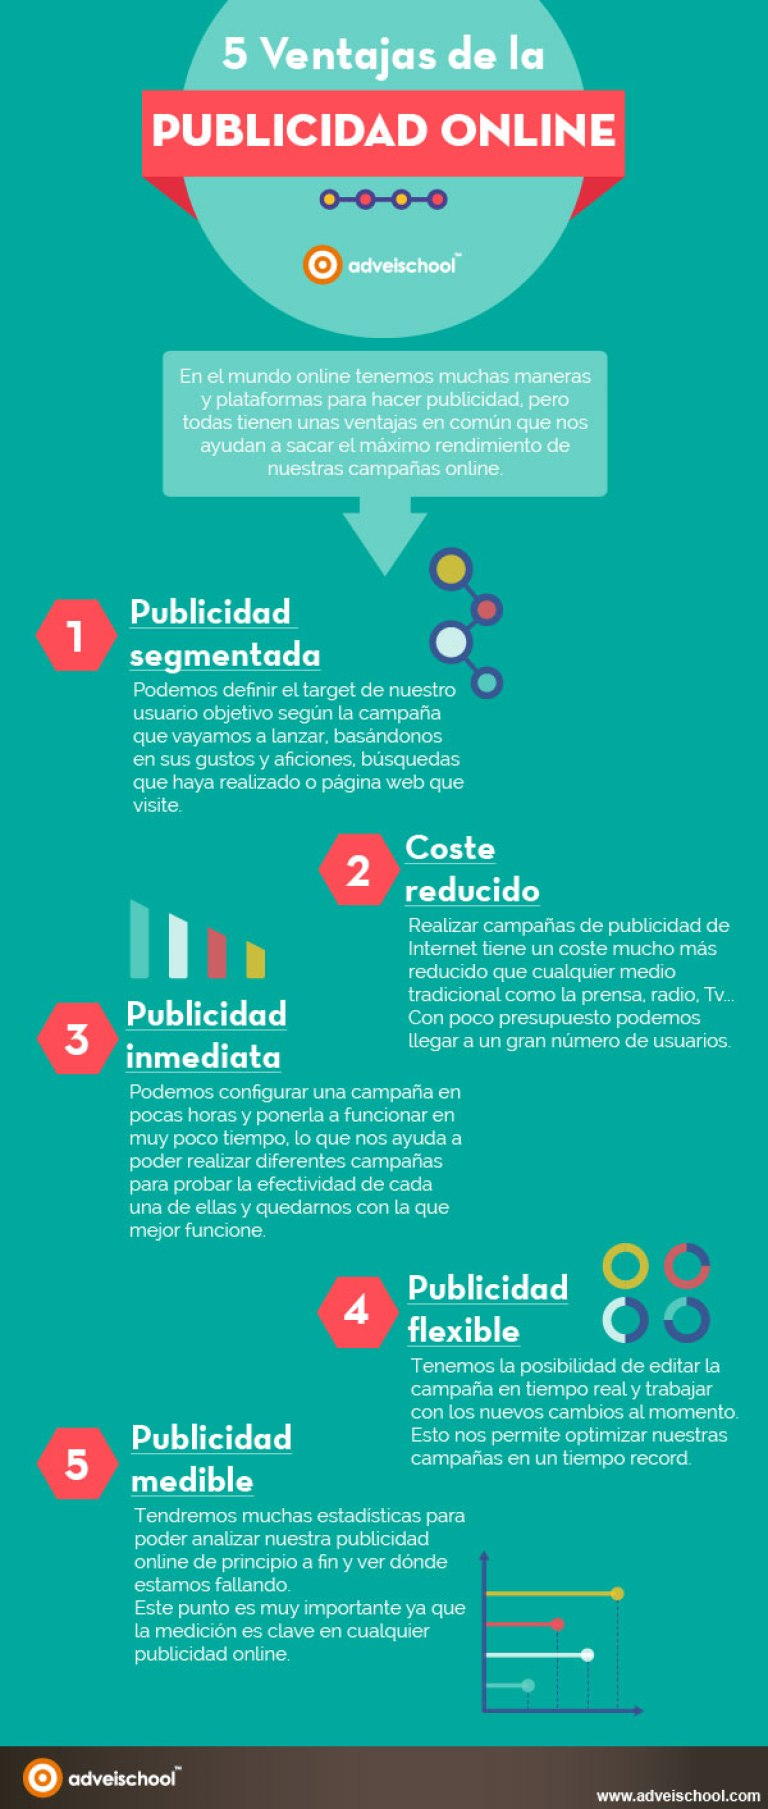 5-ventajas-de-la-publicidad-online-infografia